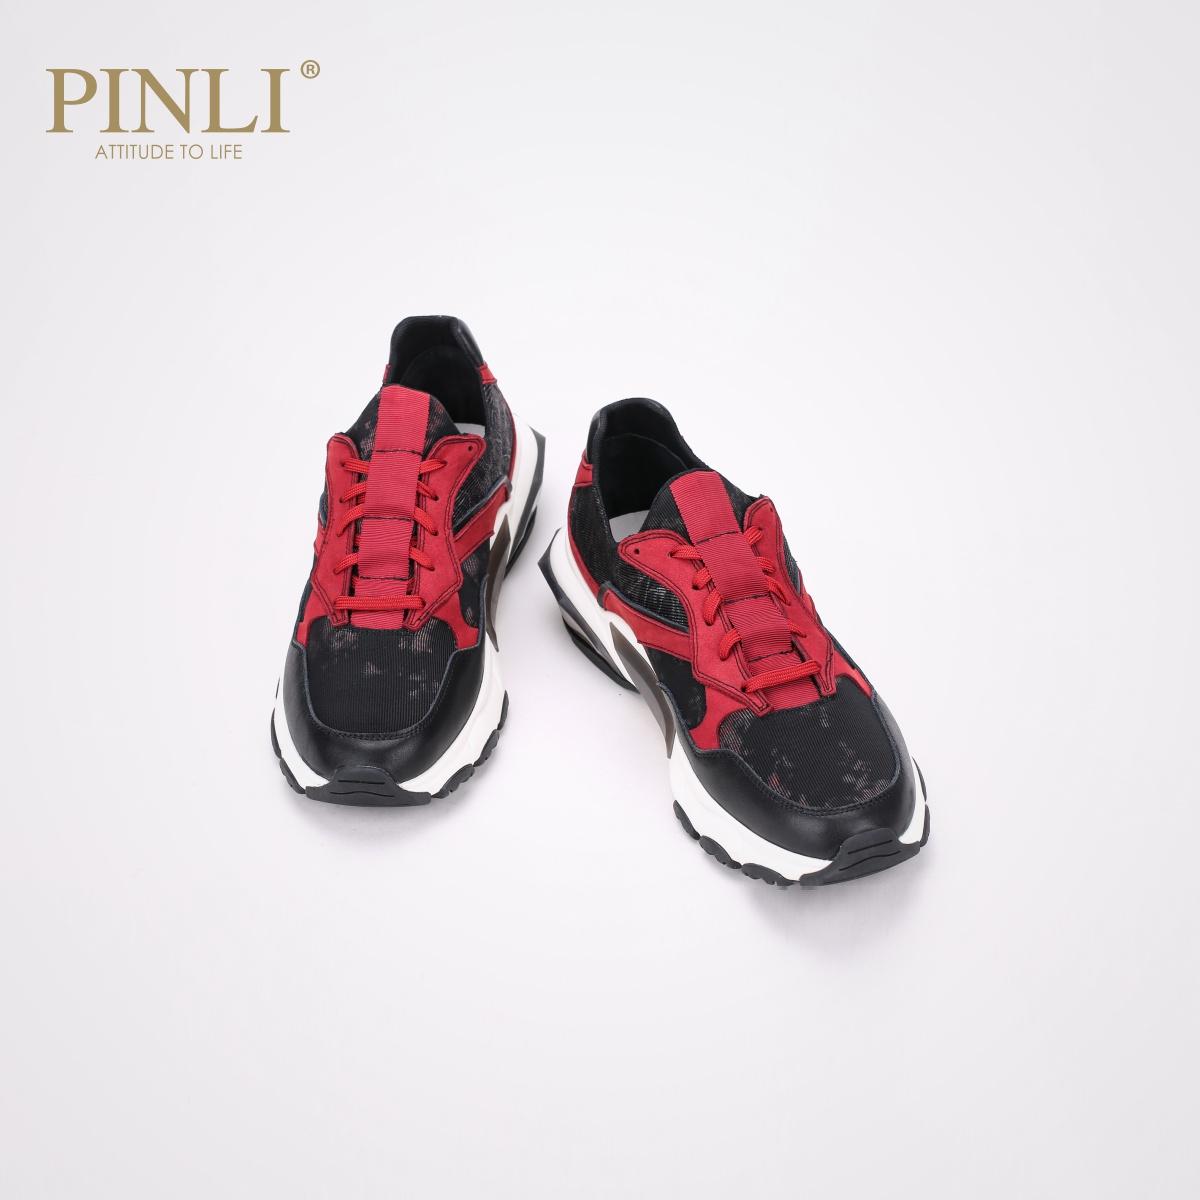 PINLI品立秋季新款男鞋低帮鞋套脚运动户外休闲鞋B191121269